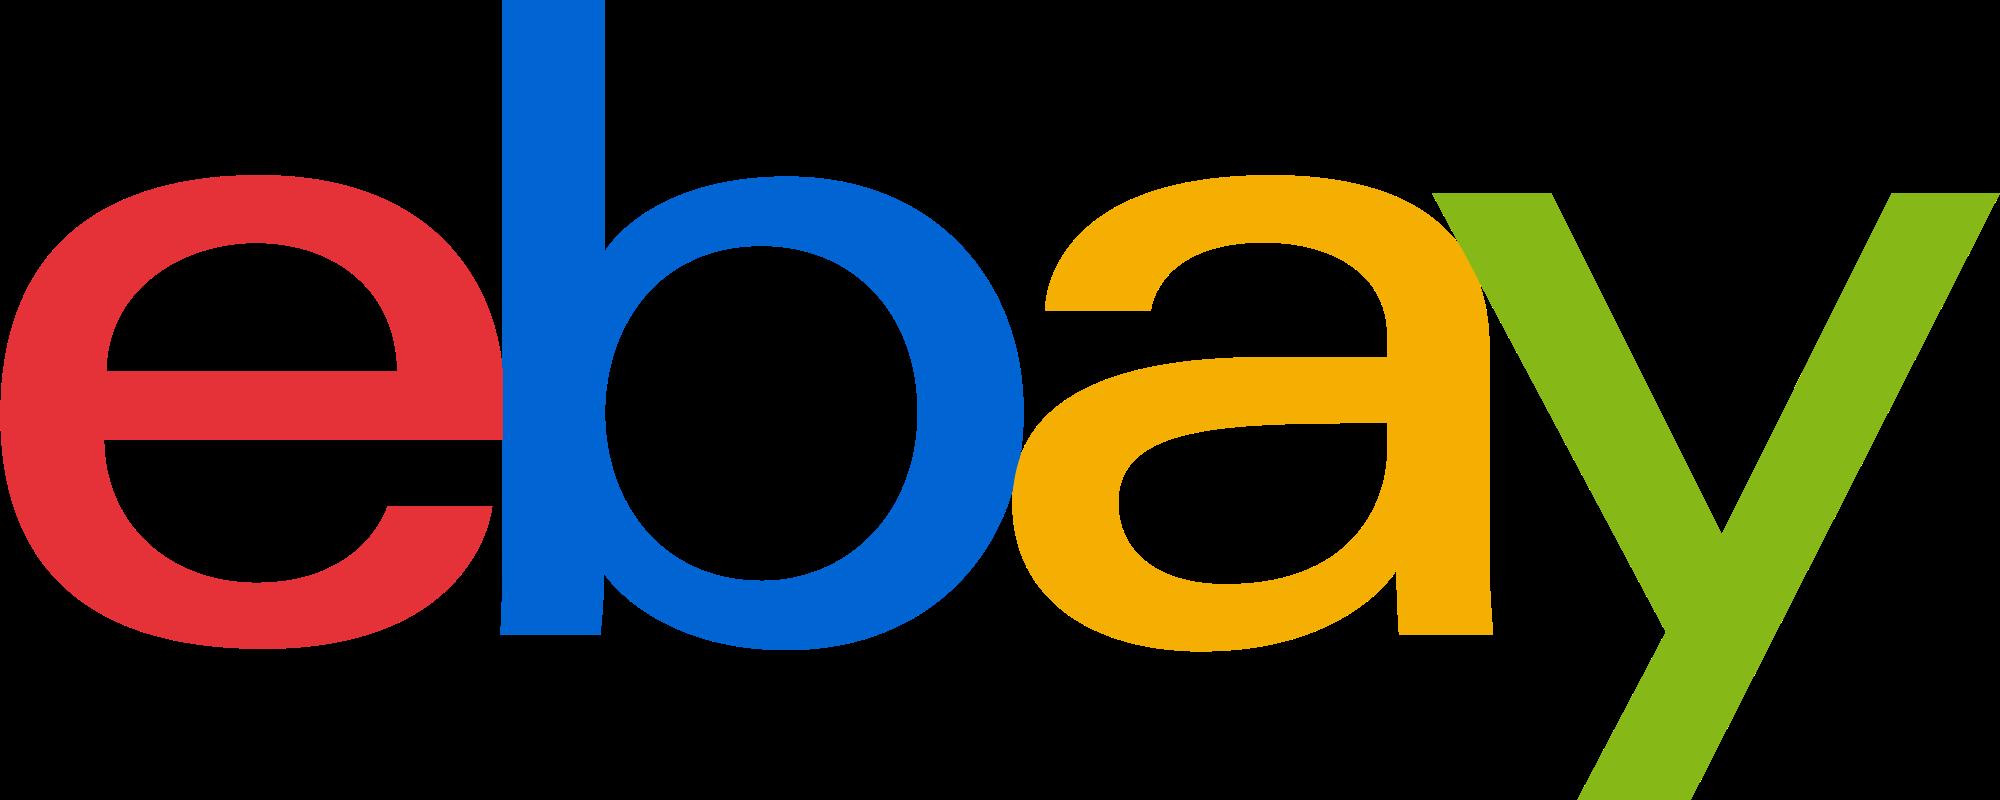 Ebay, cos'è e come funziona